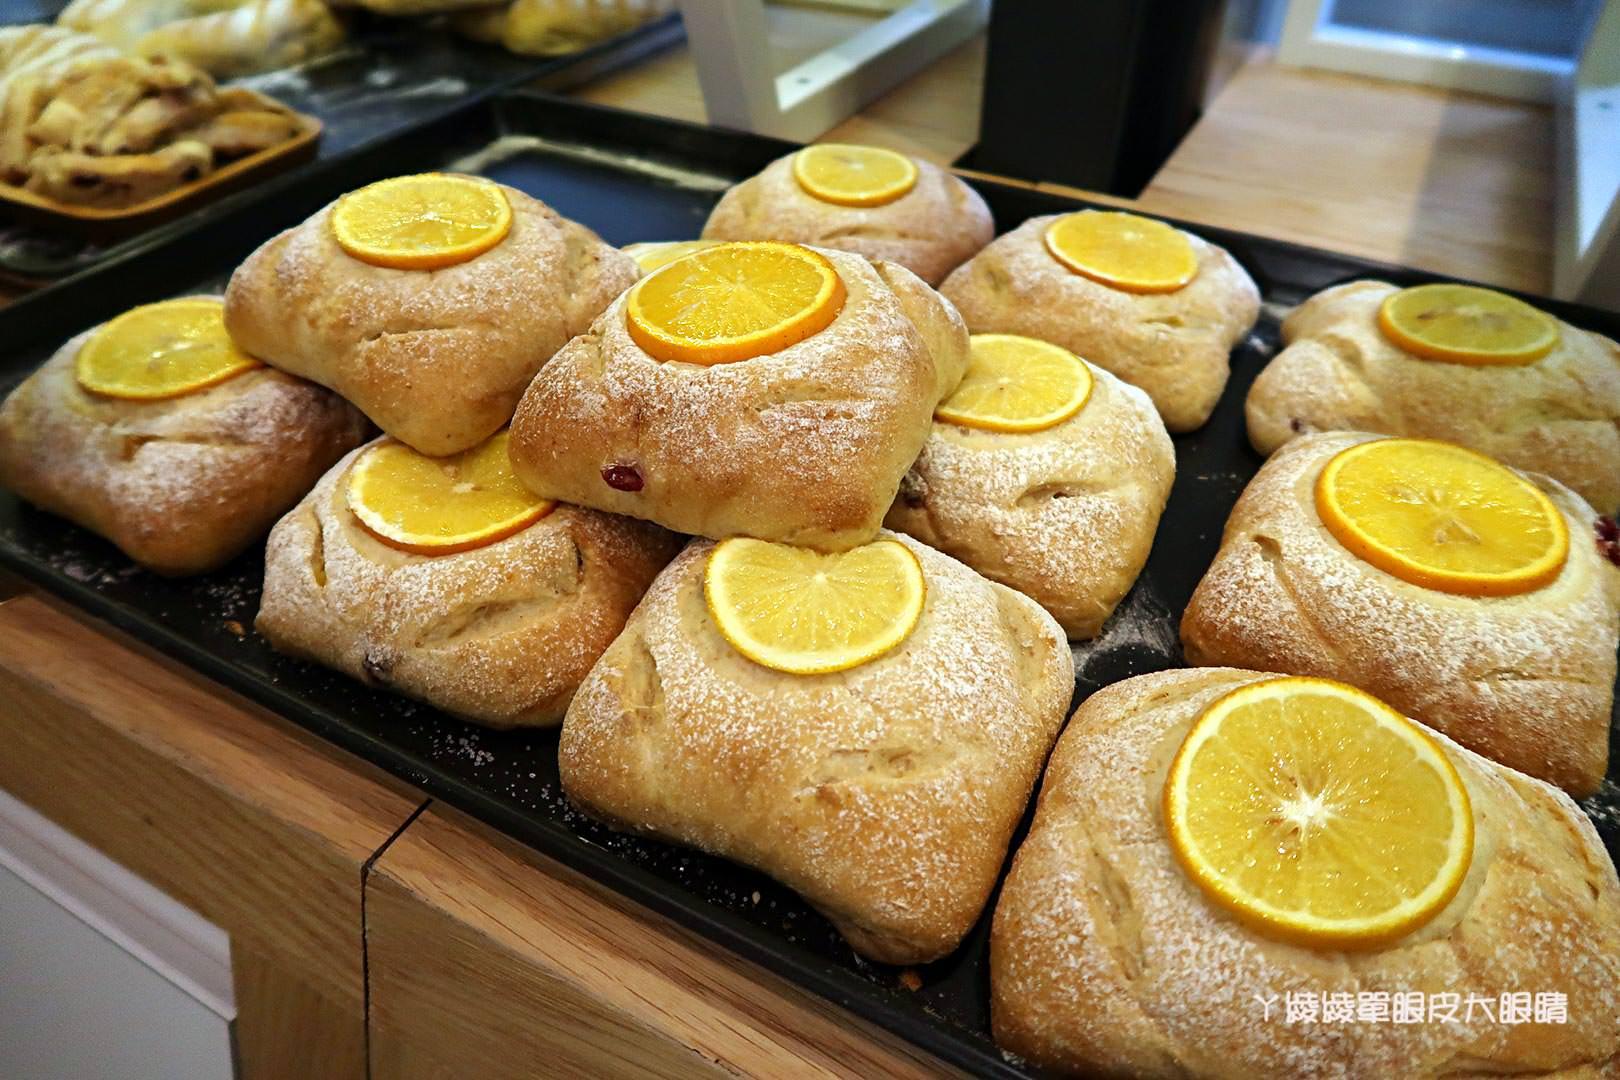 台北東區手搖飲料店|Sharetea旗艦總店旗下新品牌,《Share le Pain微酵烘焙》超好吃的軟歐麵包